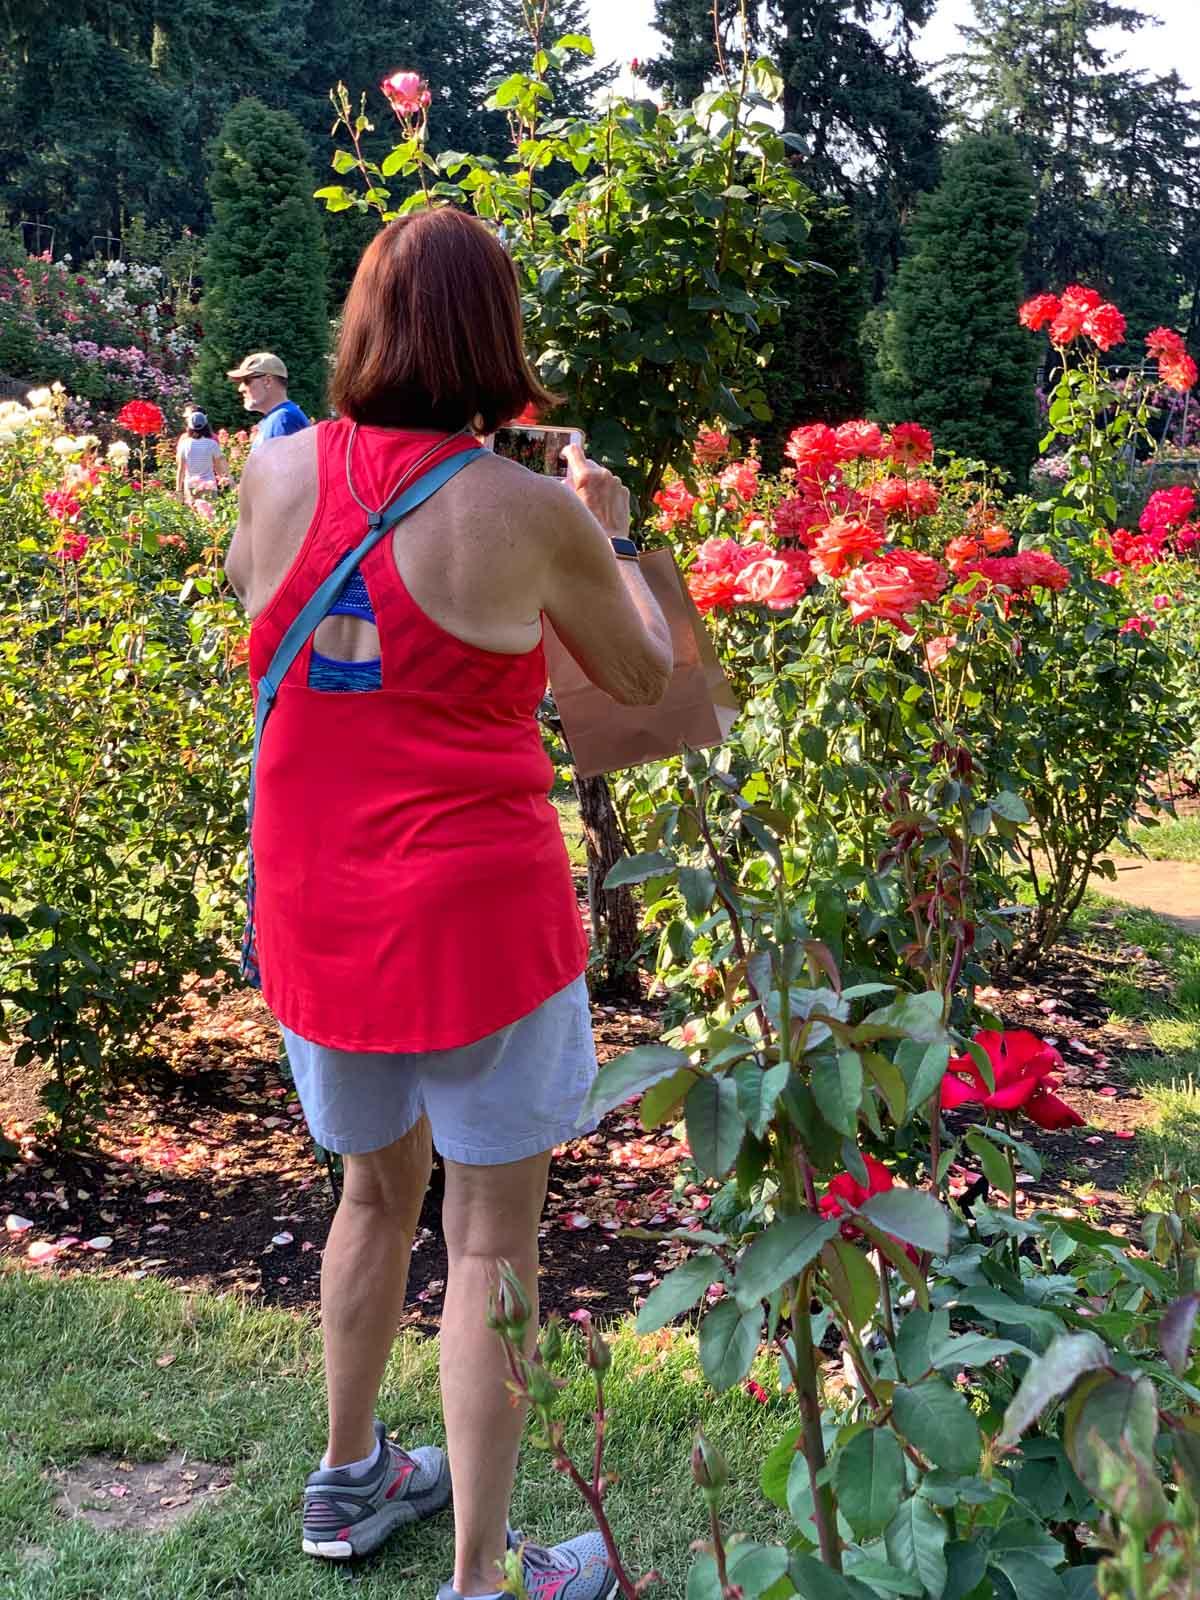 So many roses